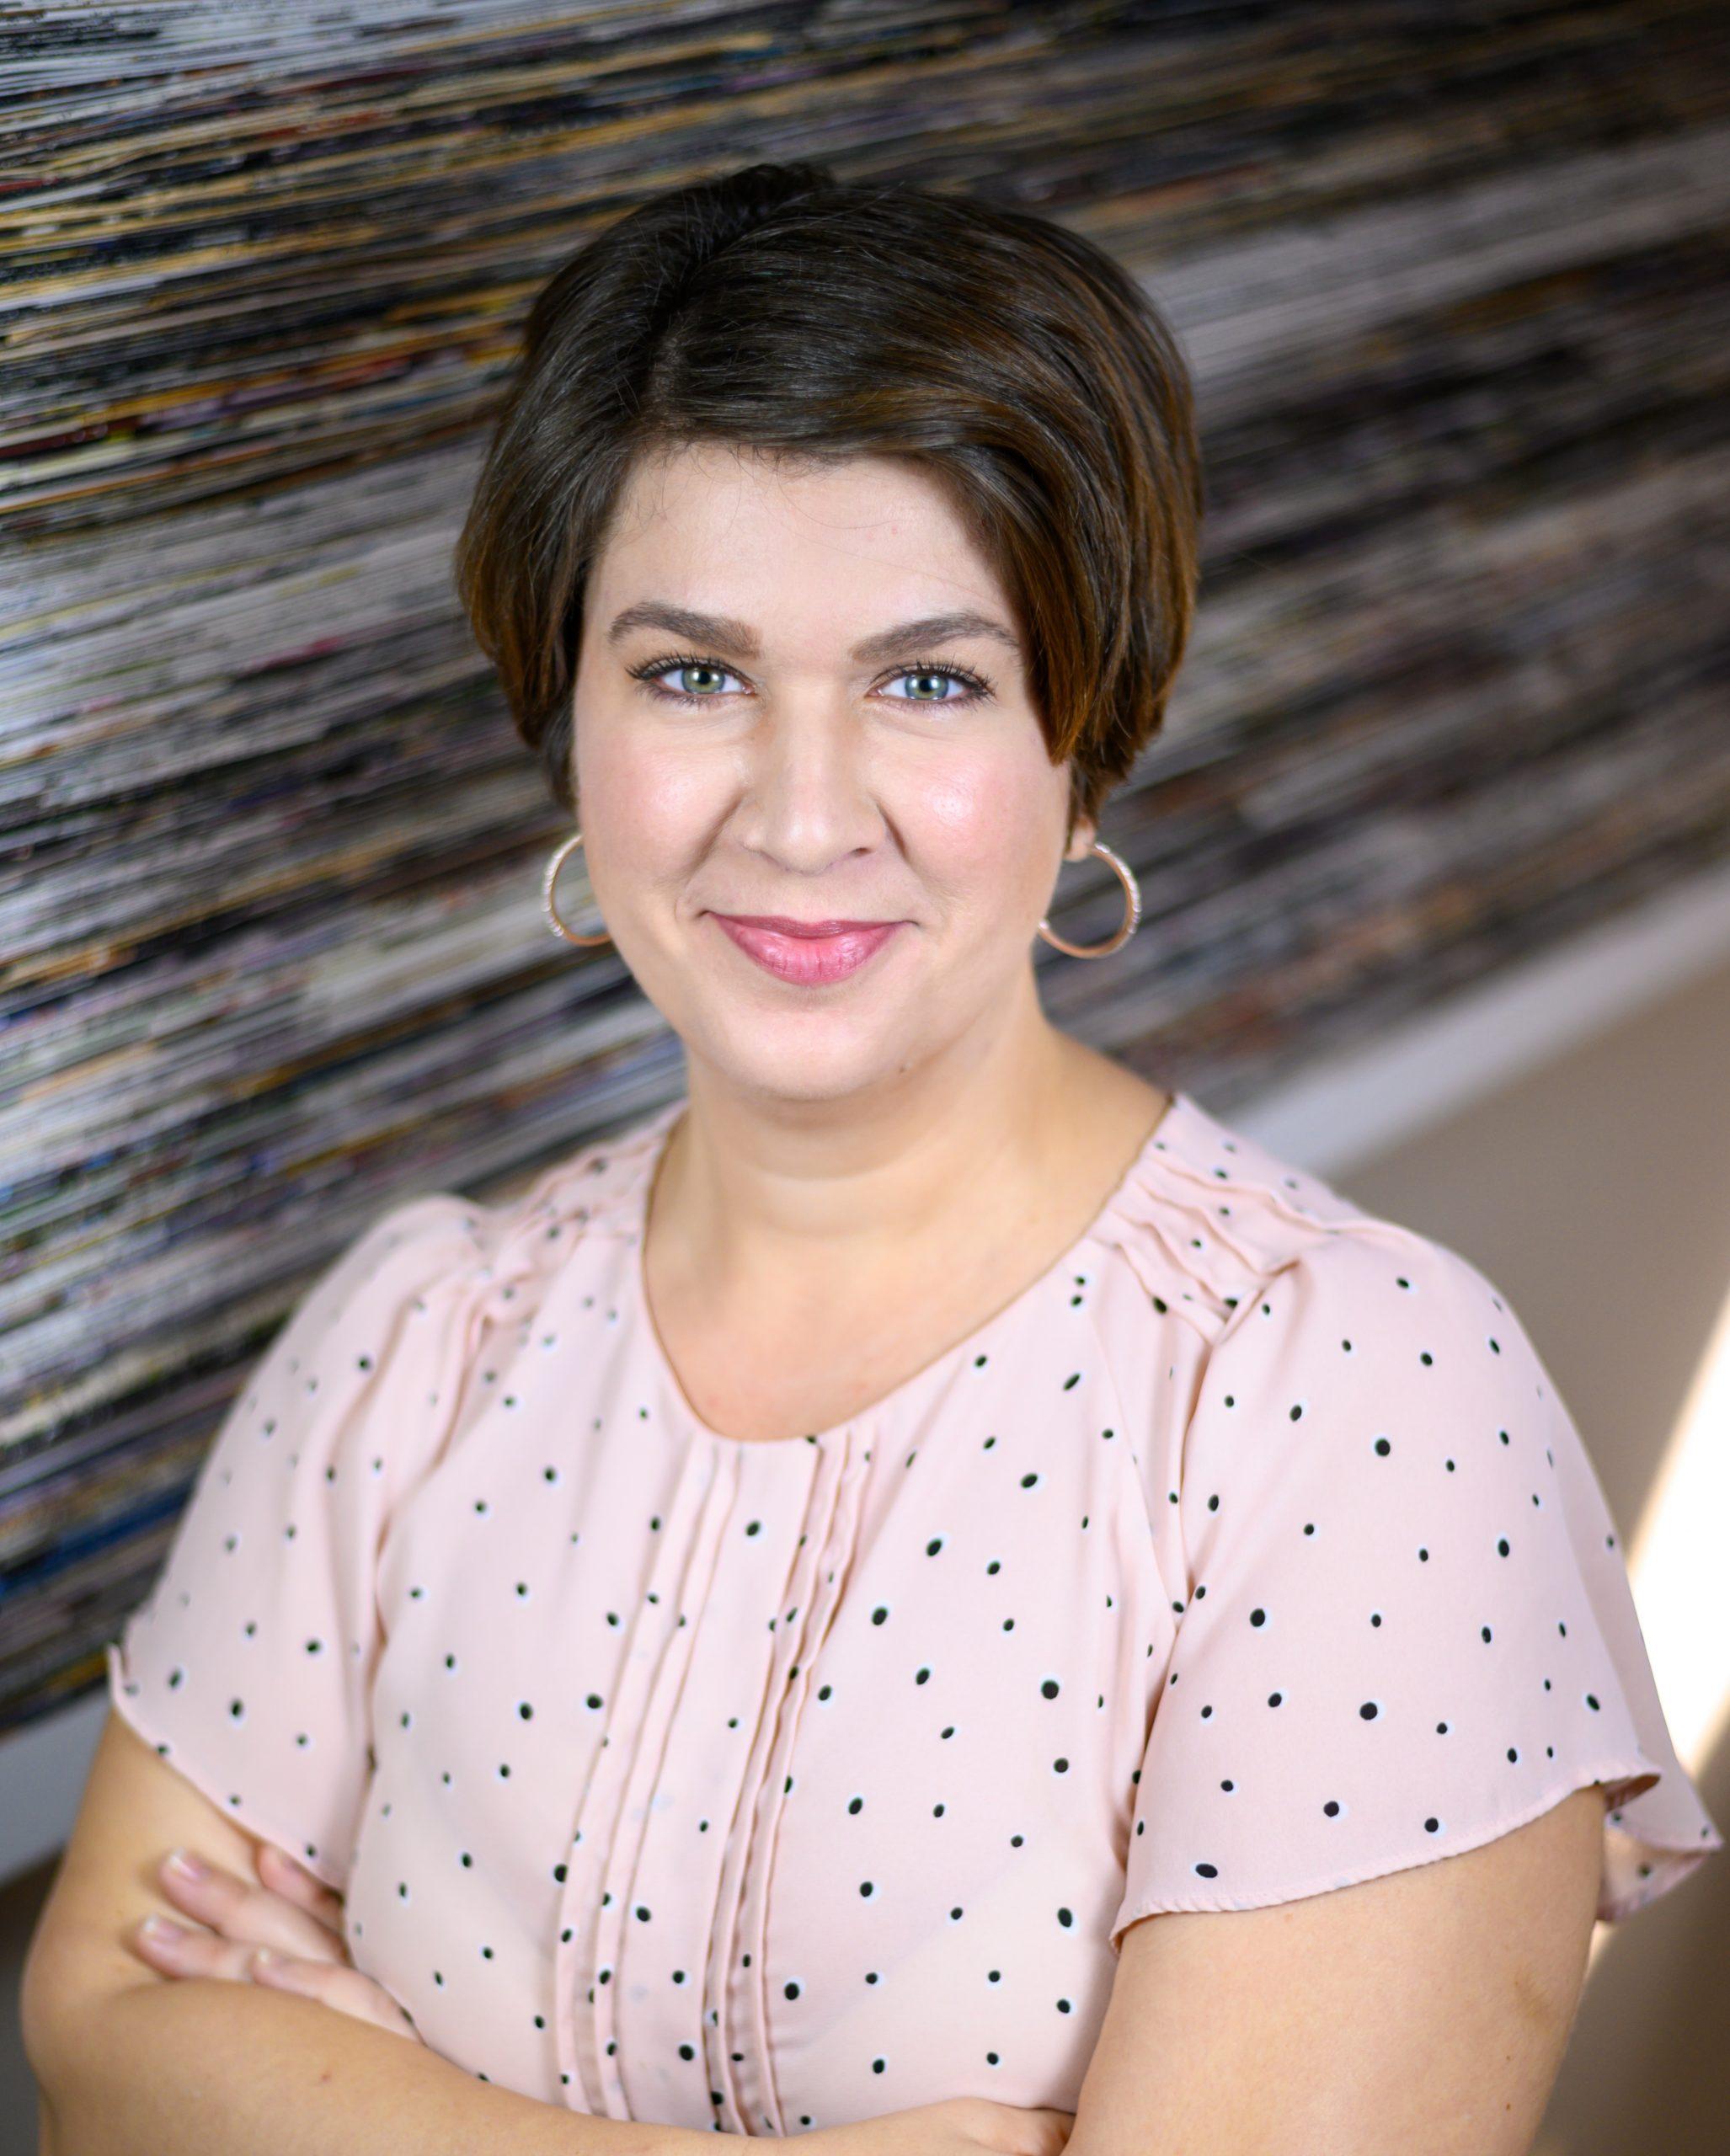 Amy Antenora